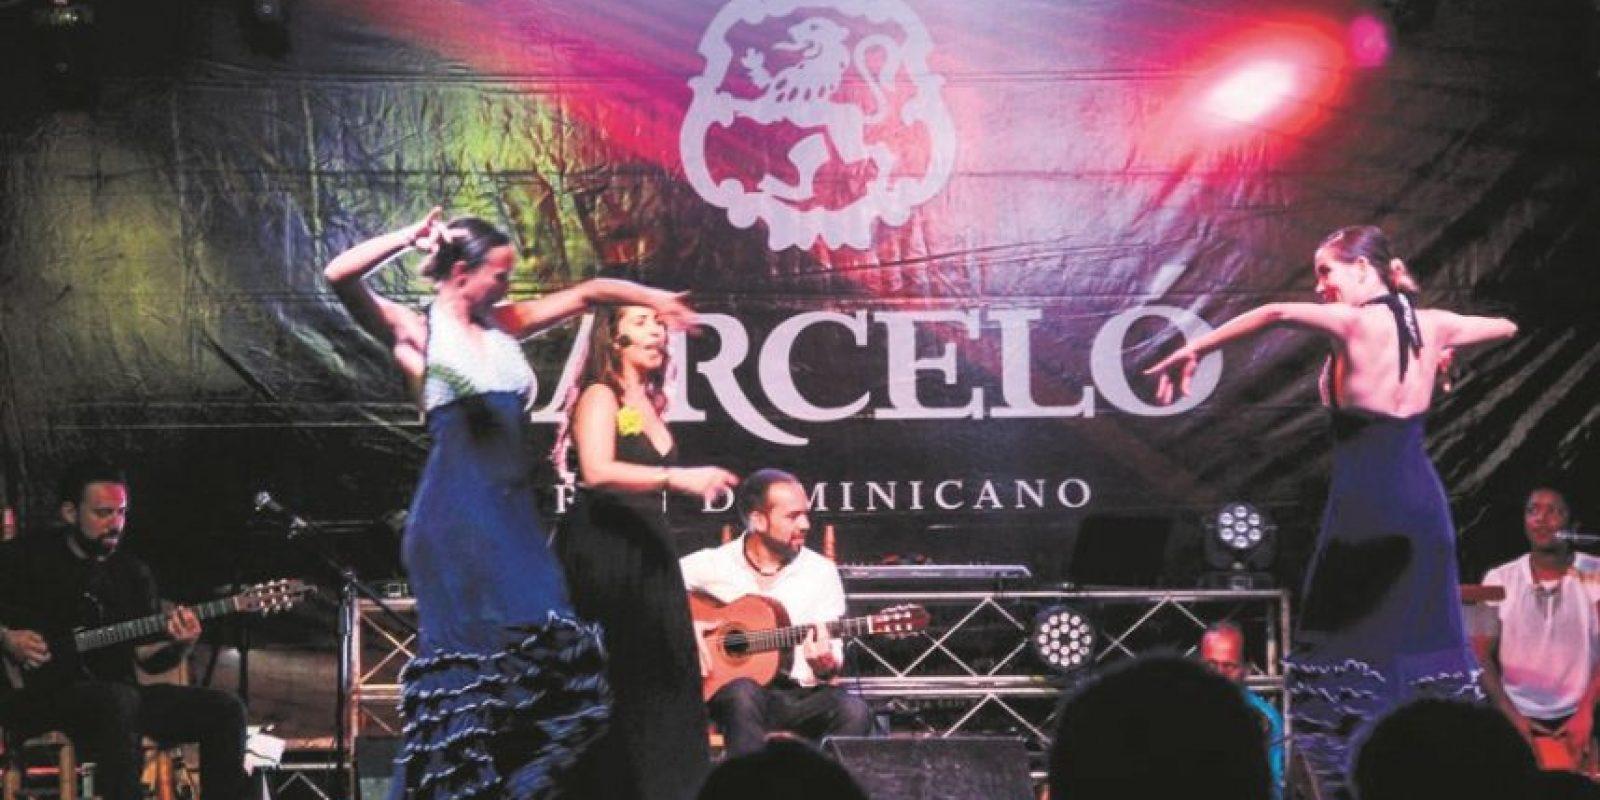 """Adriana """"La Pimienta"""" regaló una velada mágica de flamenco con influencia latina. Foto:Fuente externa"""